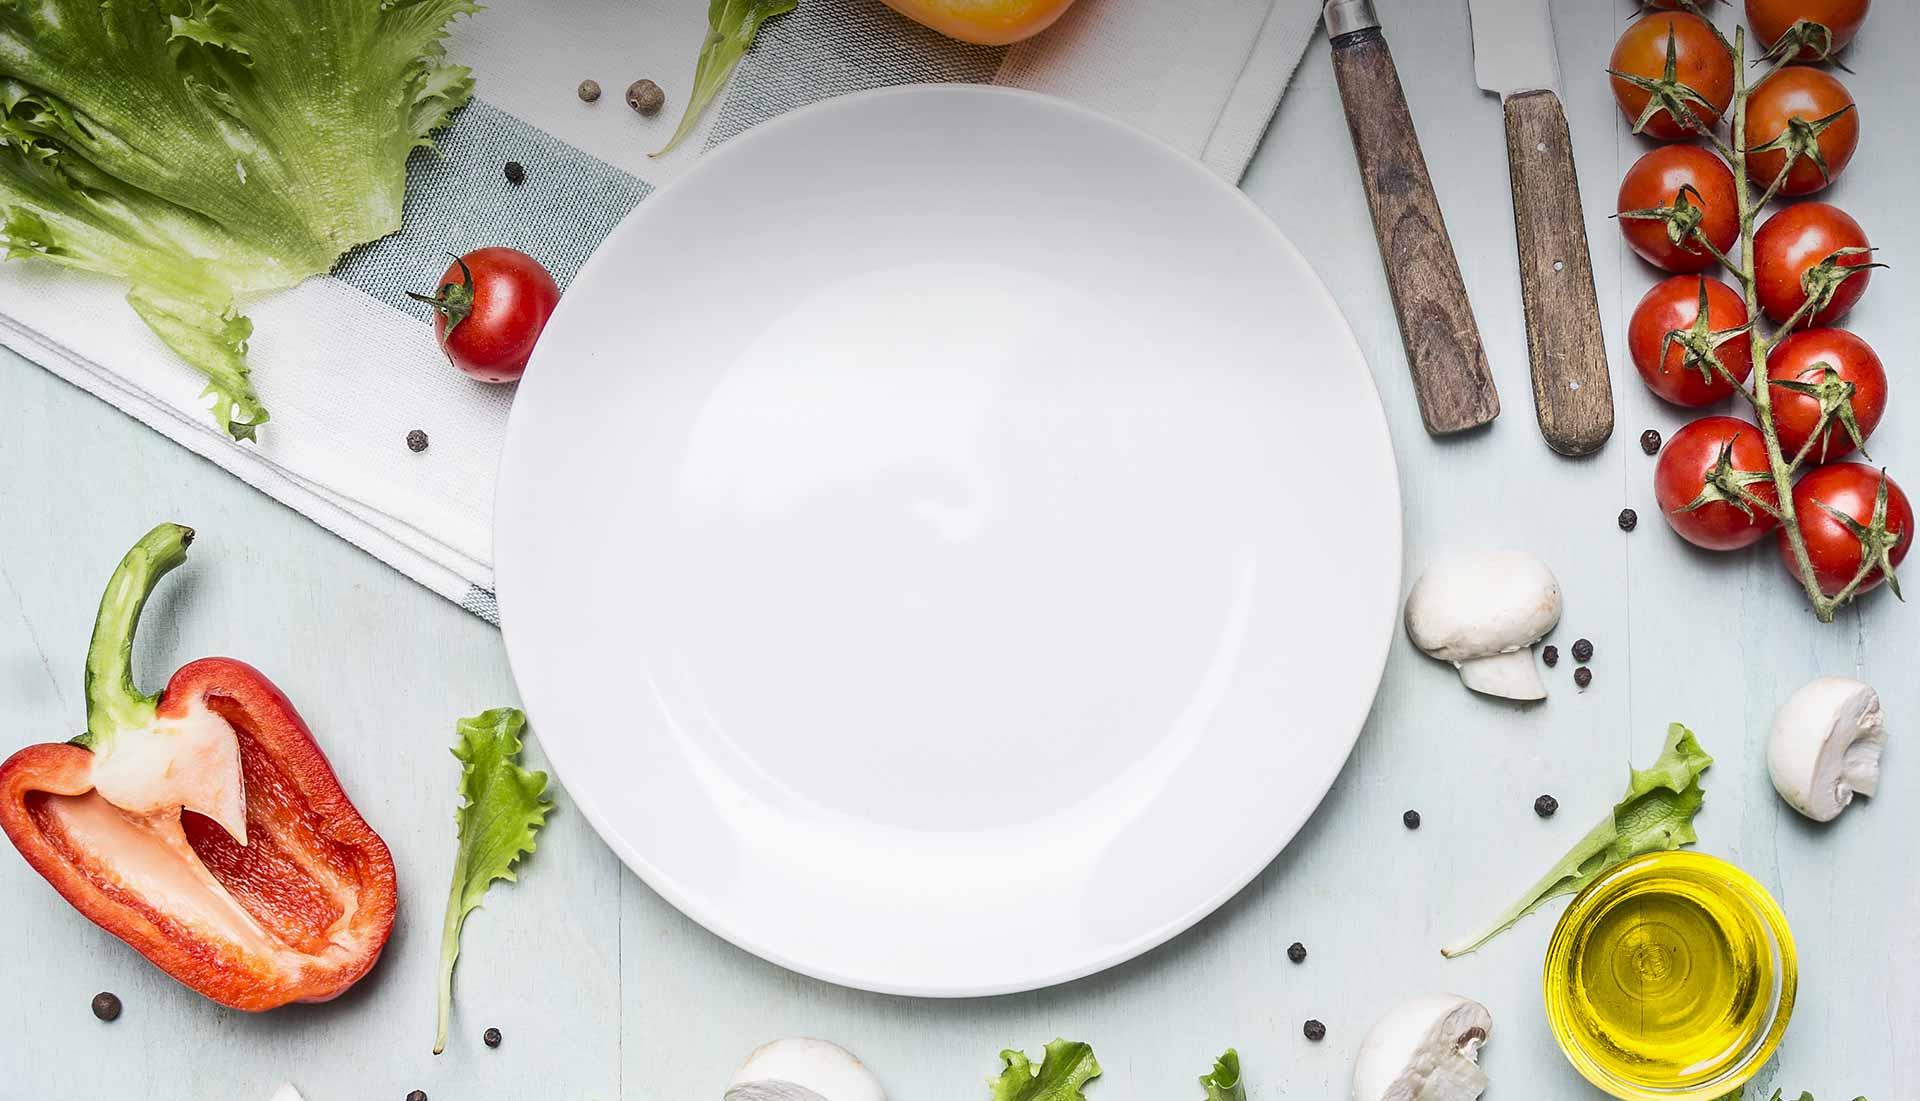 Health Food Slide 1